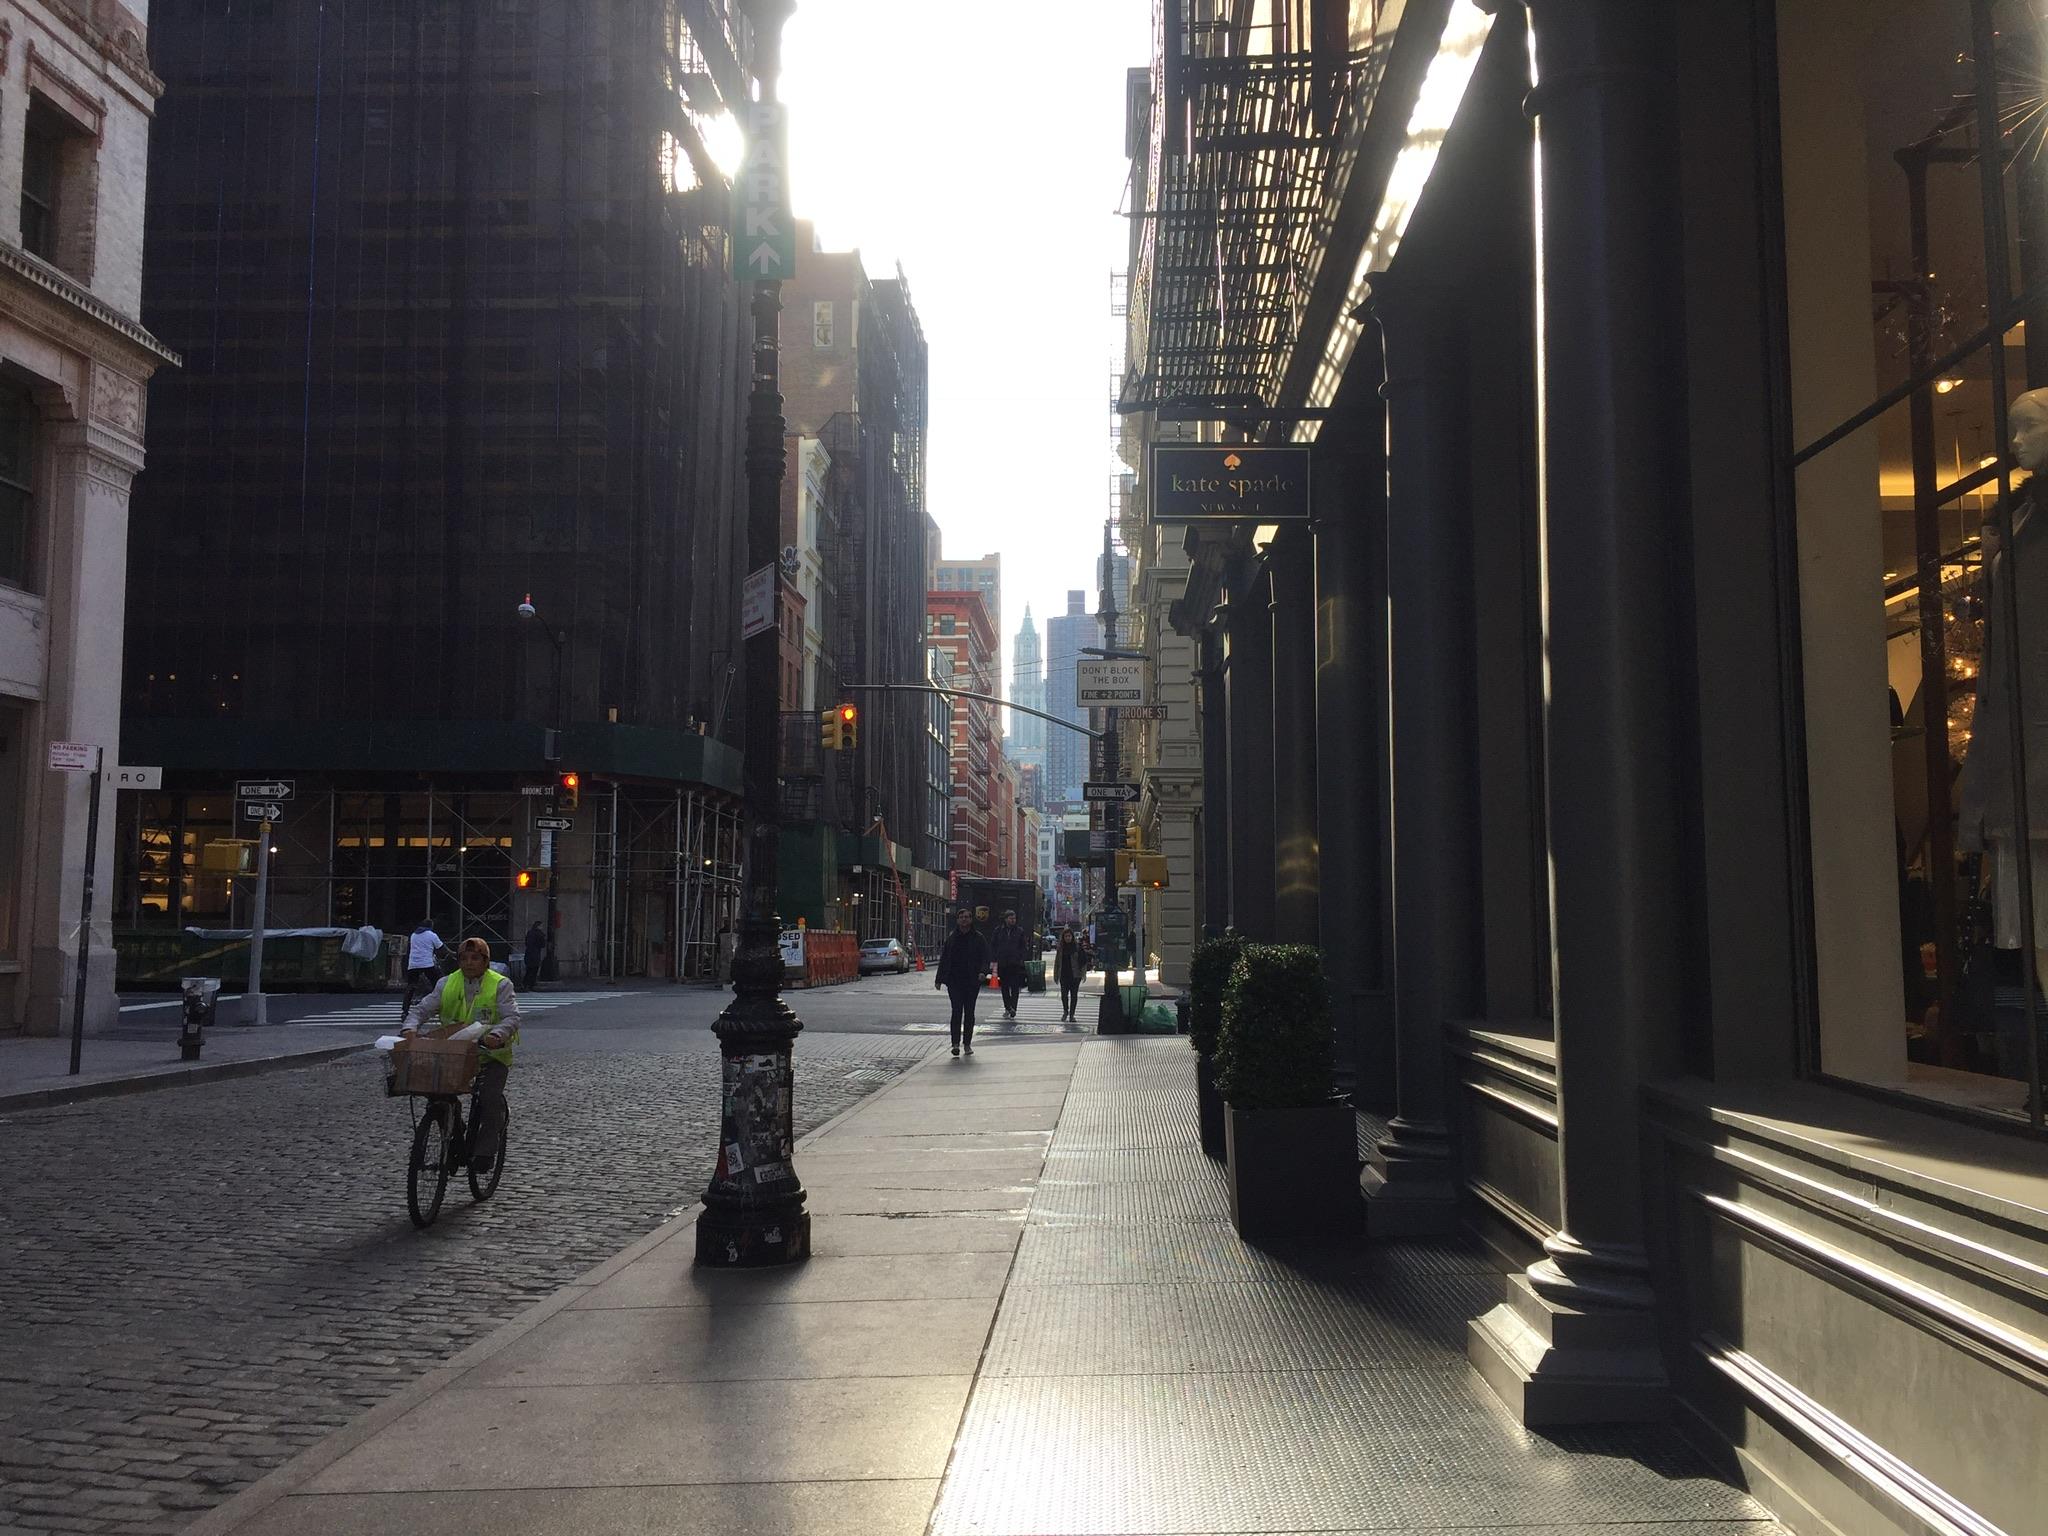 El sueño de Manhattan (contrahílo)